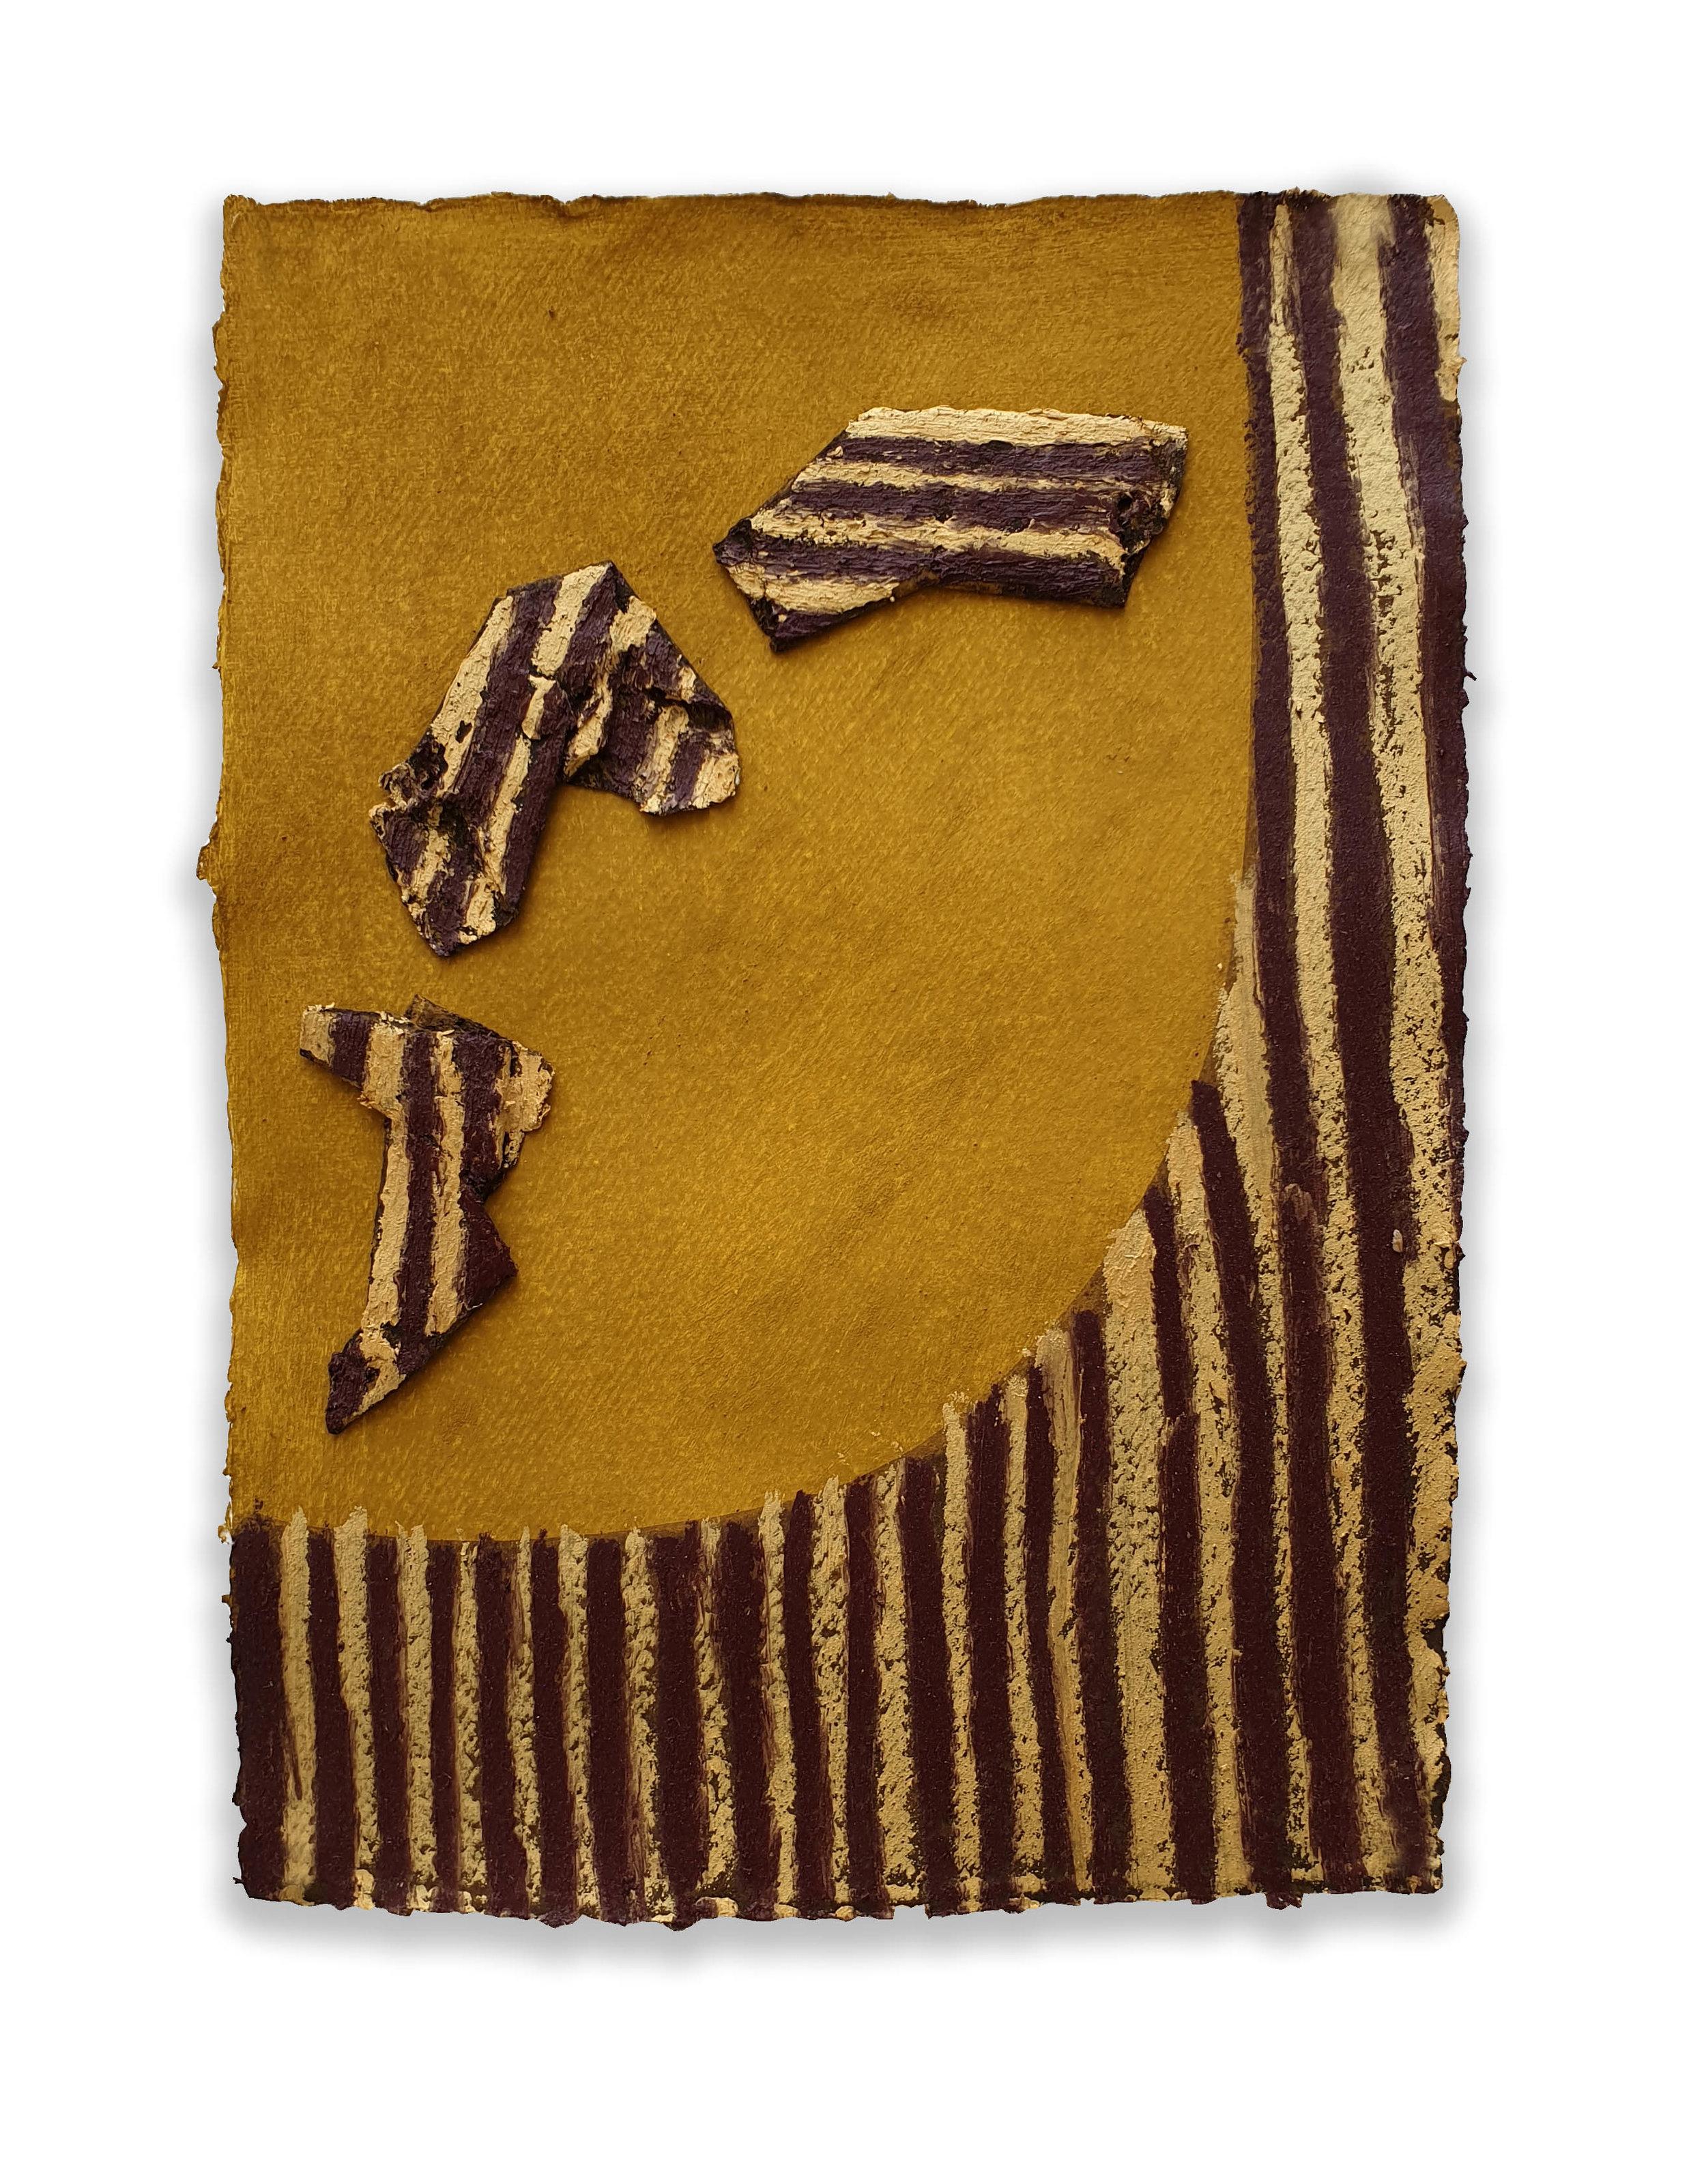 Flusso Bizantino  - 2019   Pigmento acrilico e oil stick su carta   43 x 30 cm